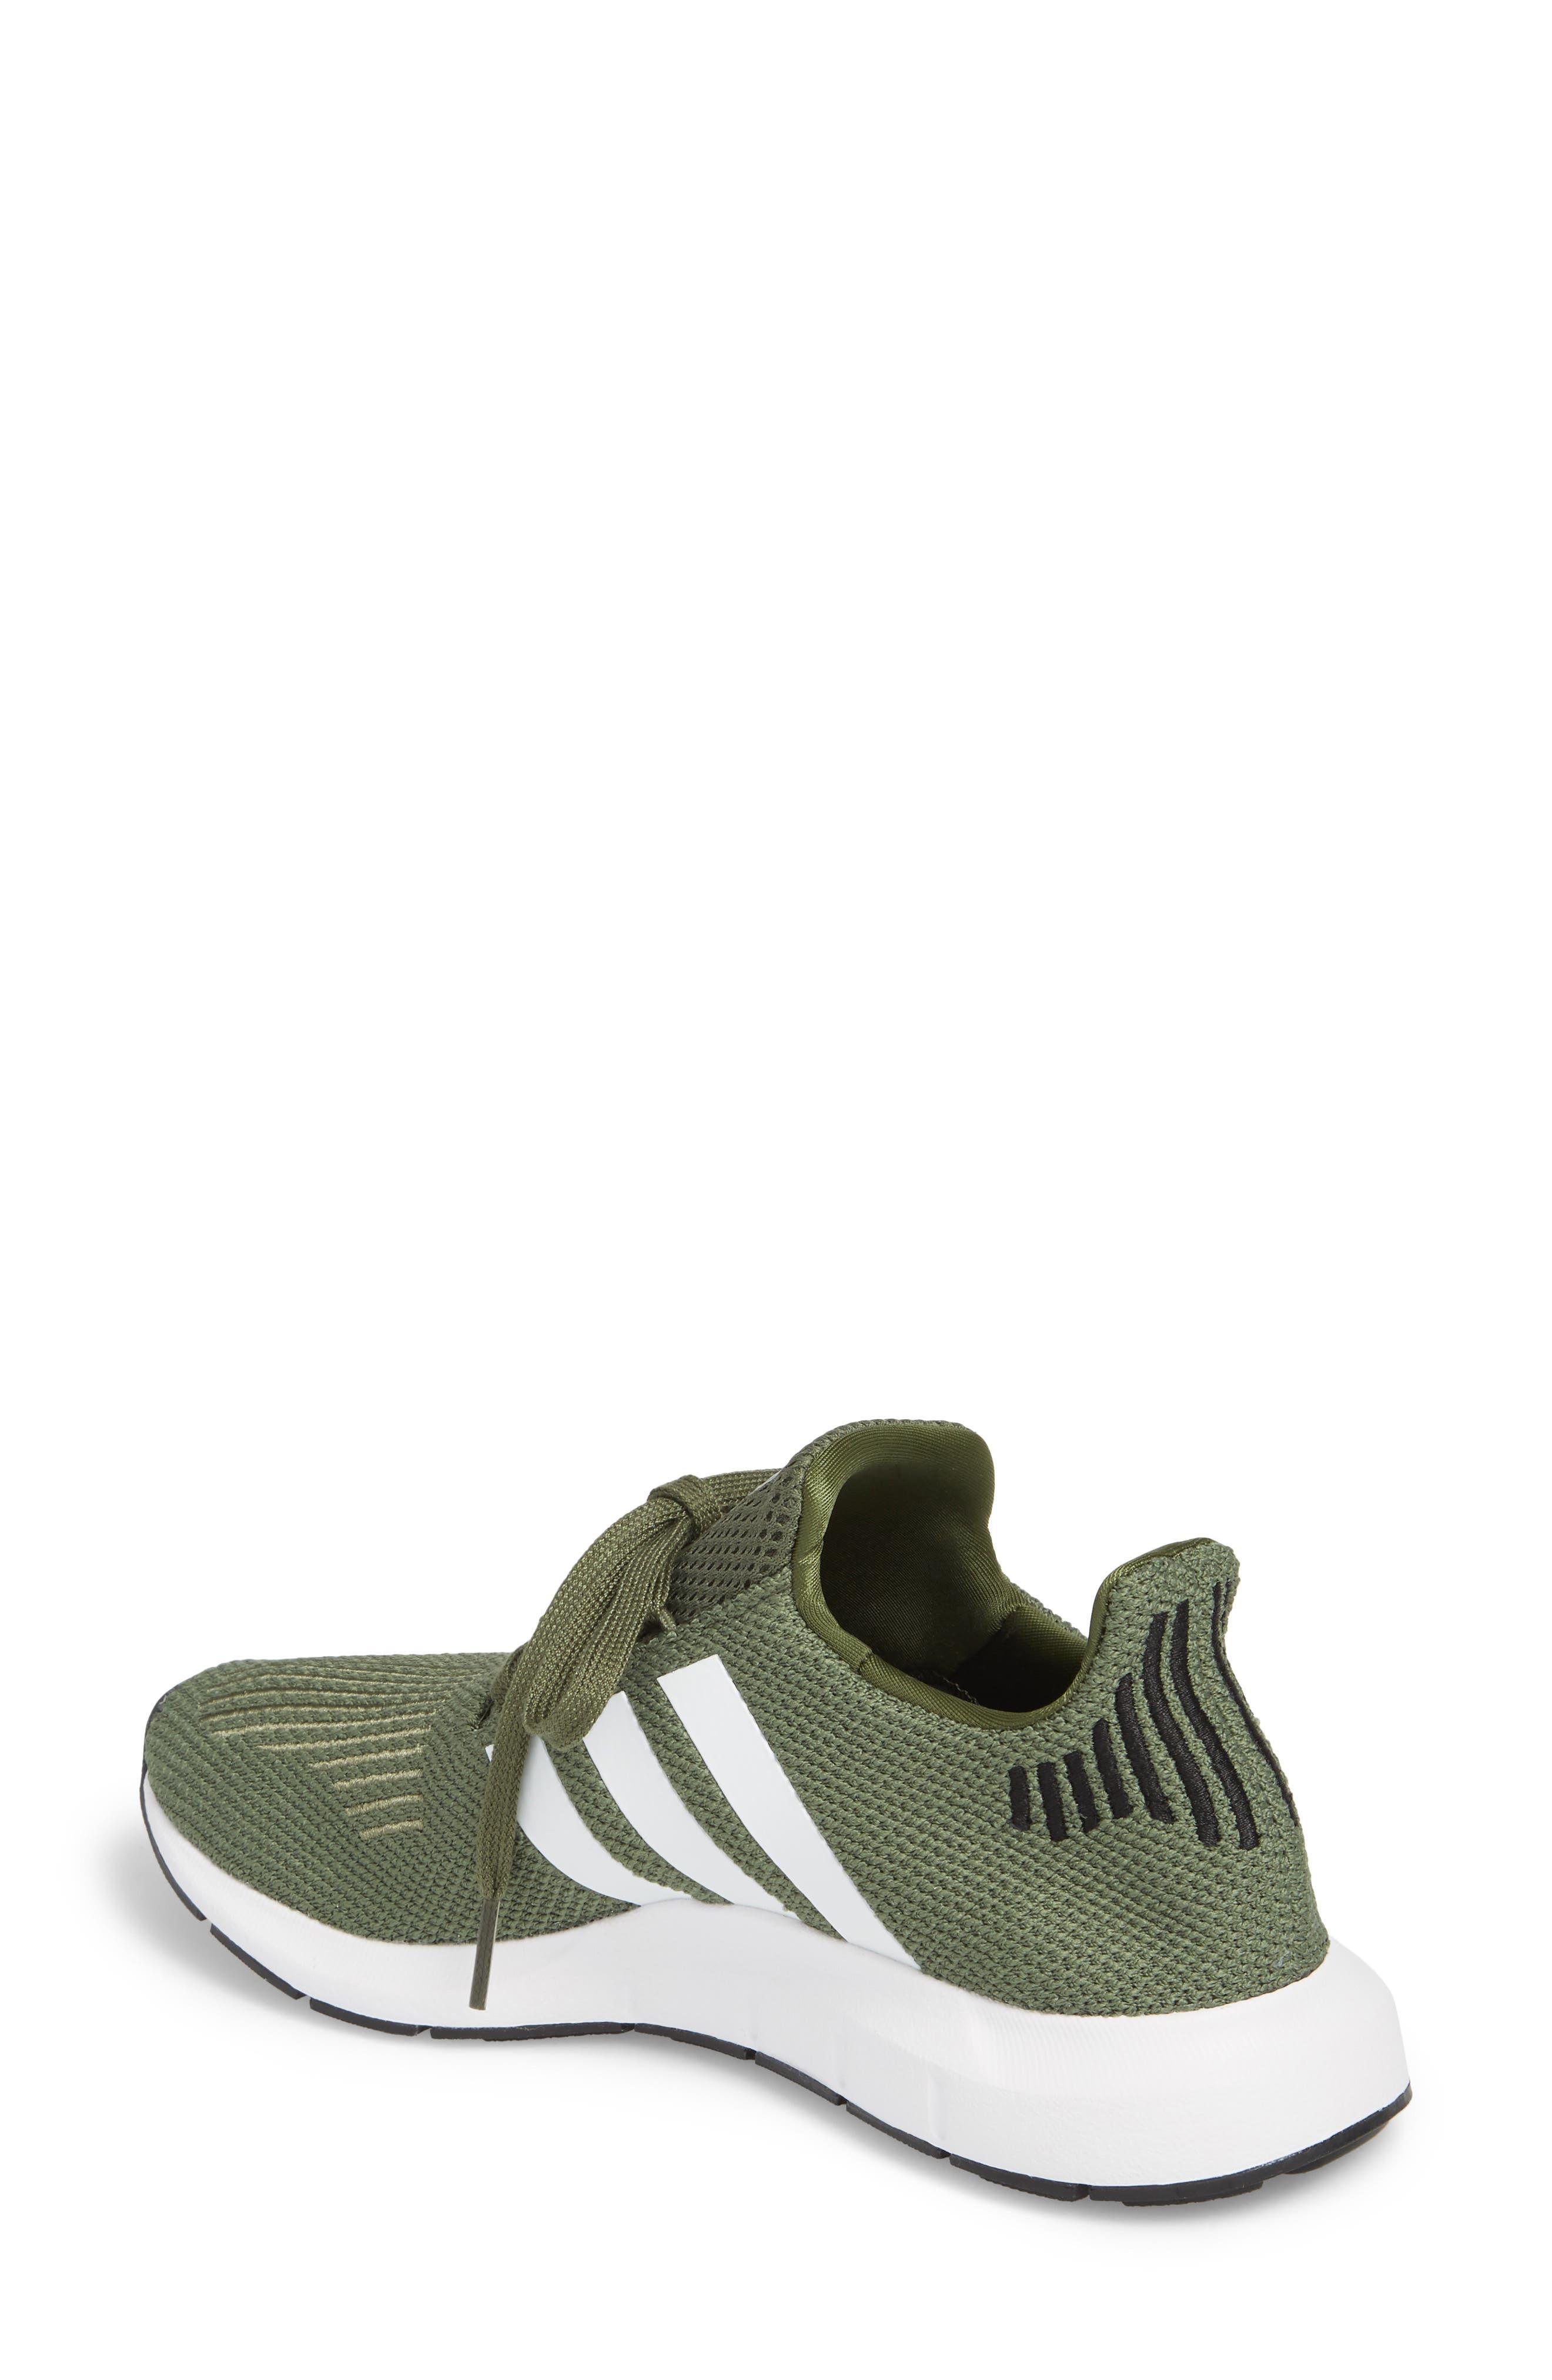 Swift Run Sneaker,                             Alternate thumbnail 2, color,                             Base Green/ White/ Black